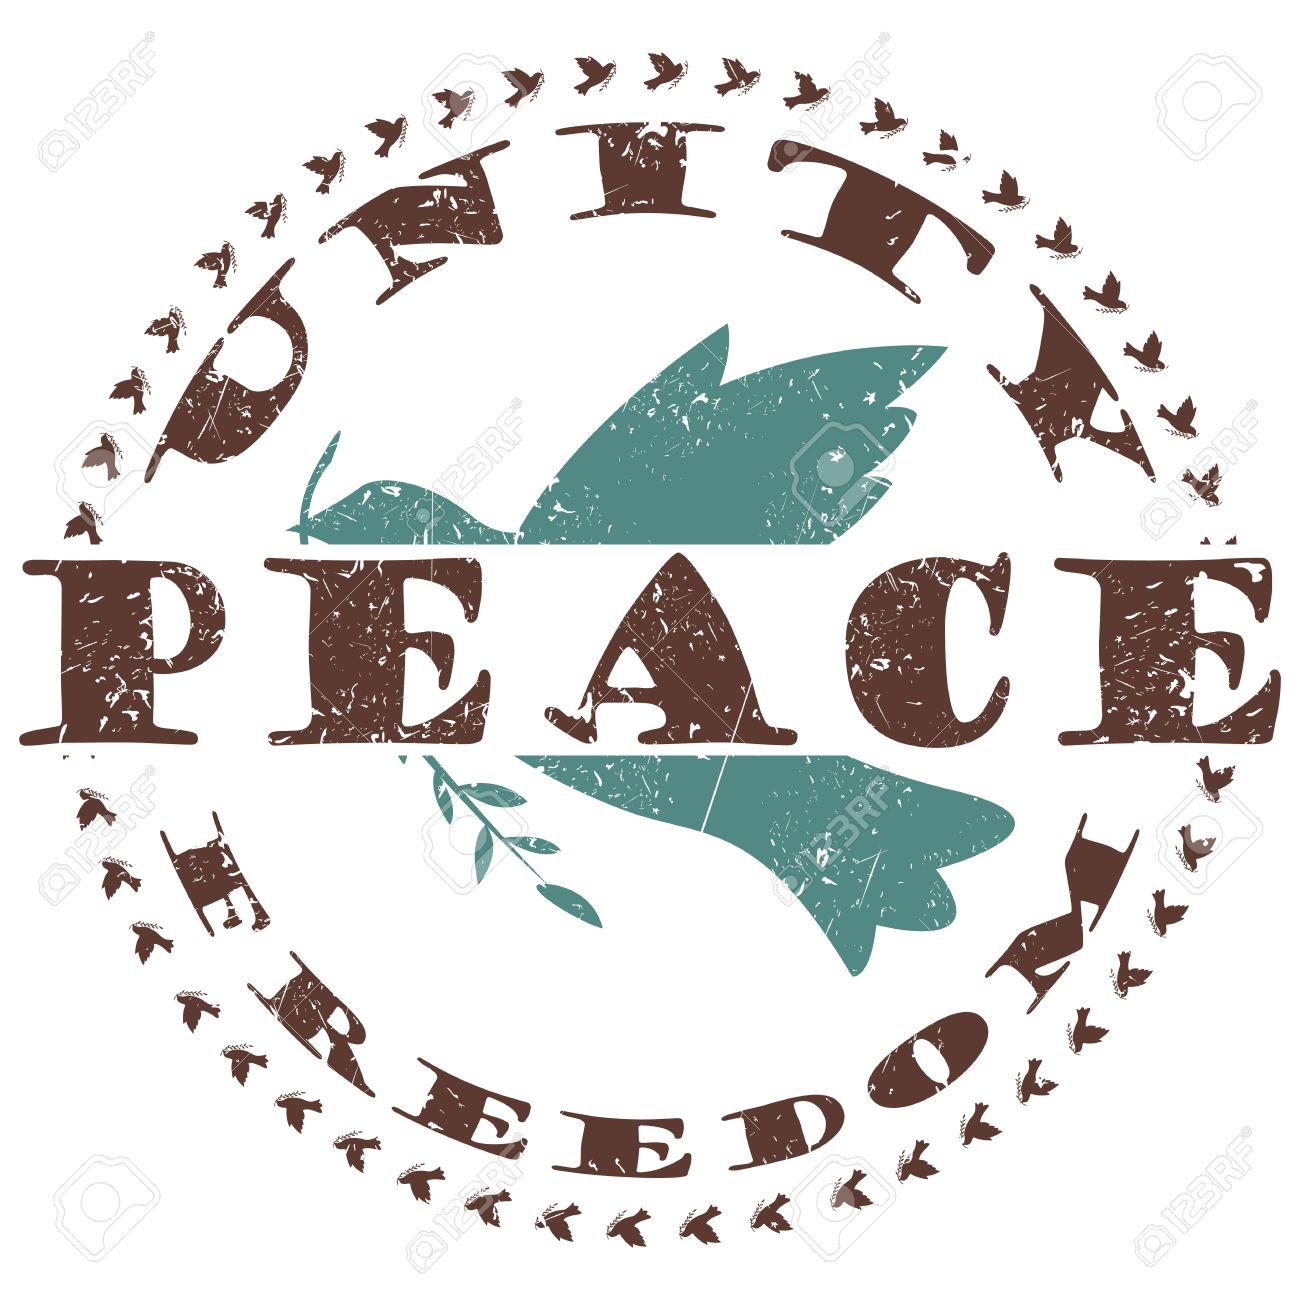 Peace treaty clipart.